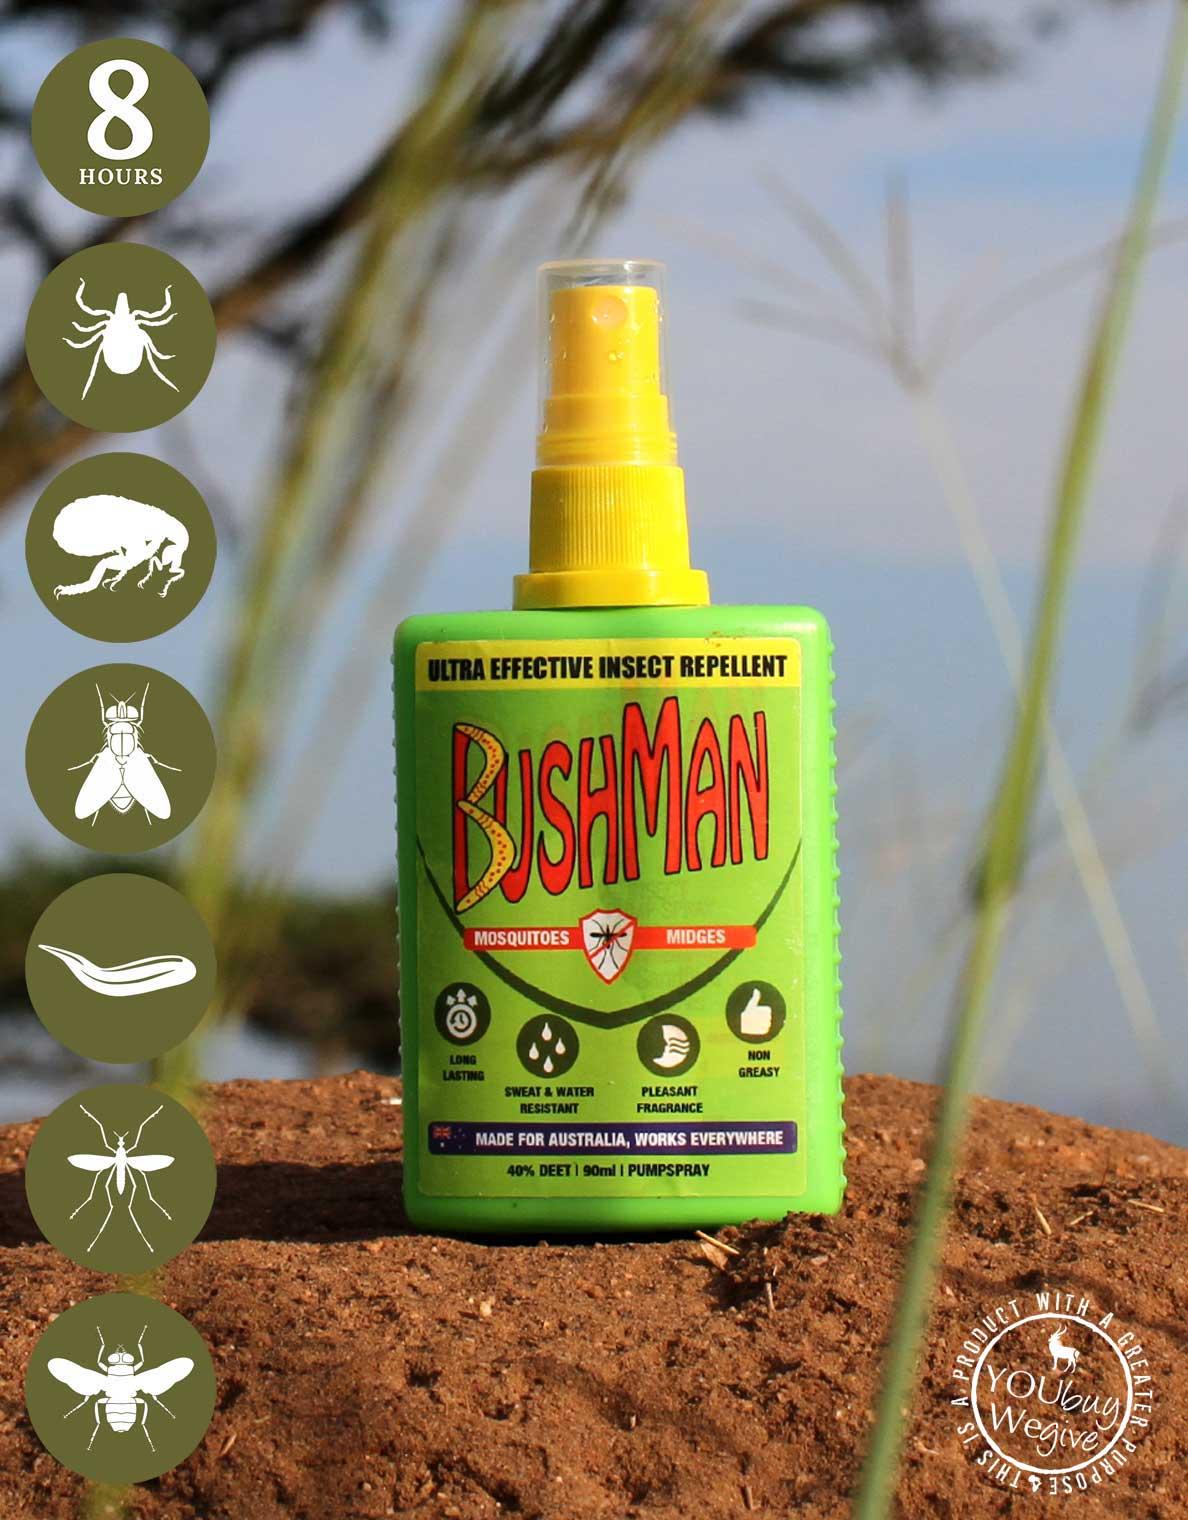 Bushman repellent - pack it for the Okavango Delta.